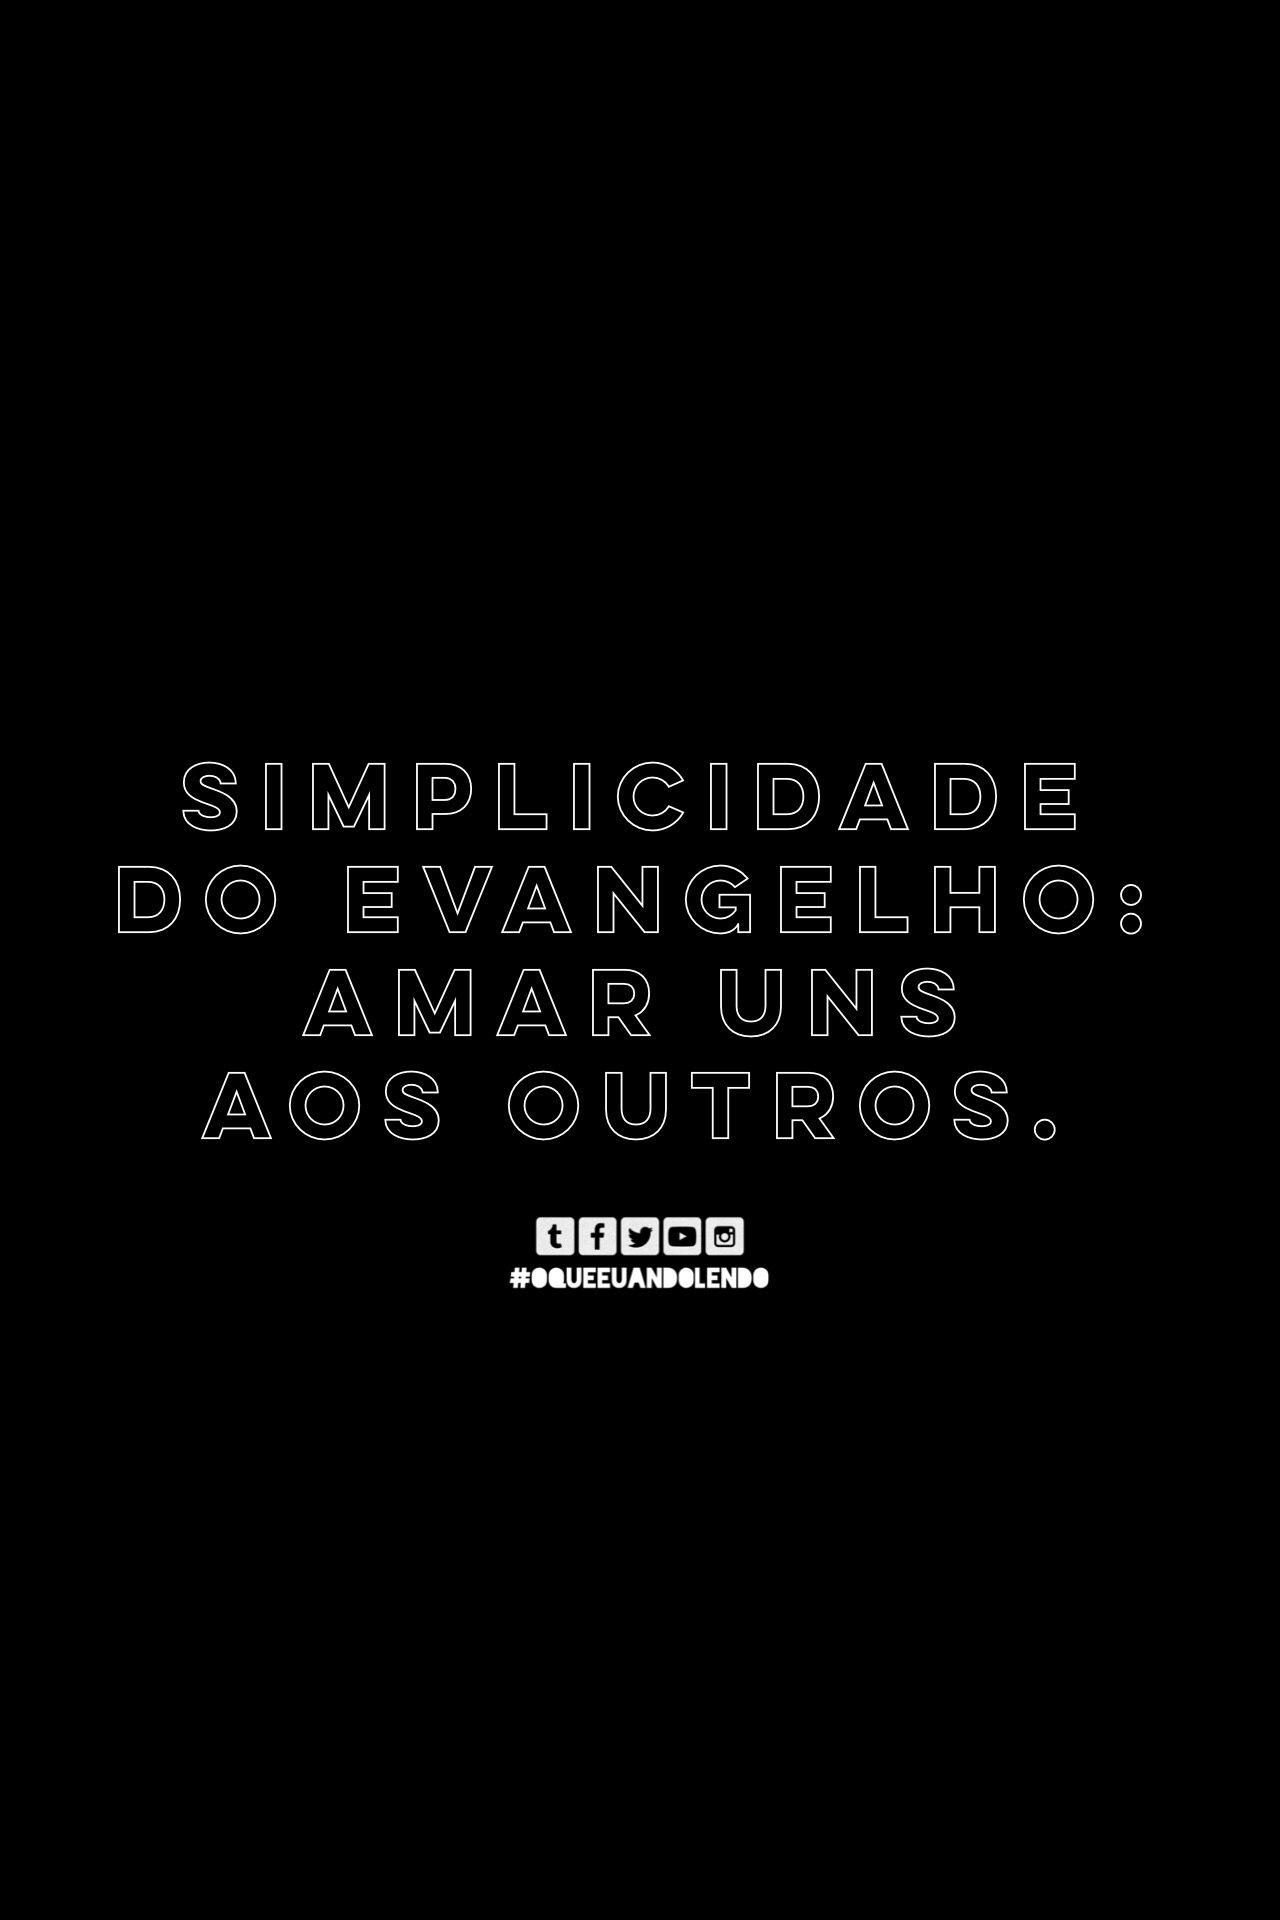 #oqueeuandolendo #jesus #jesuscristo #gajoromario #livros #frases #mensagem #pessoas #vida #graça #amor